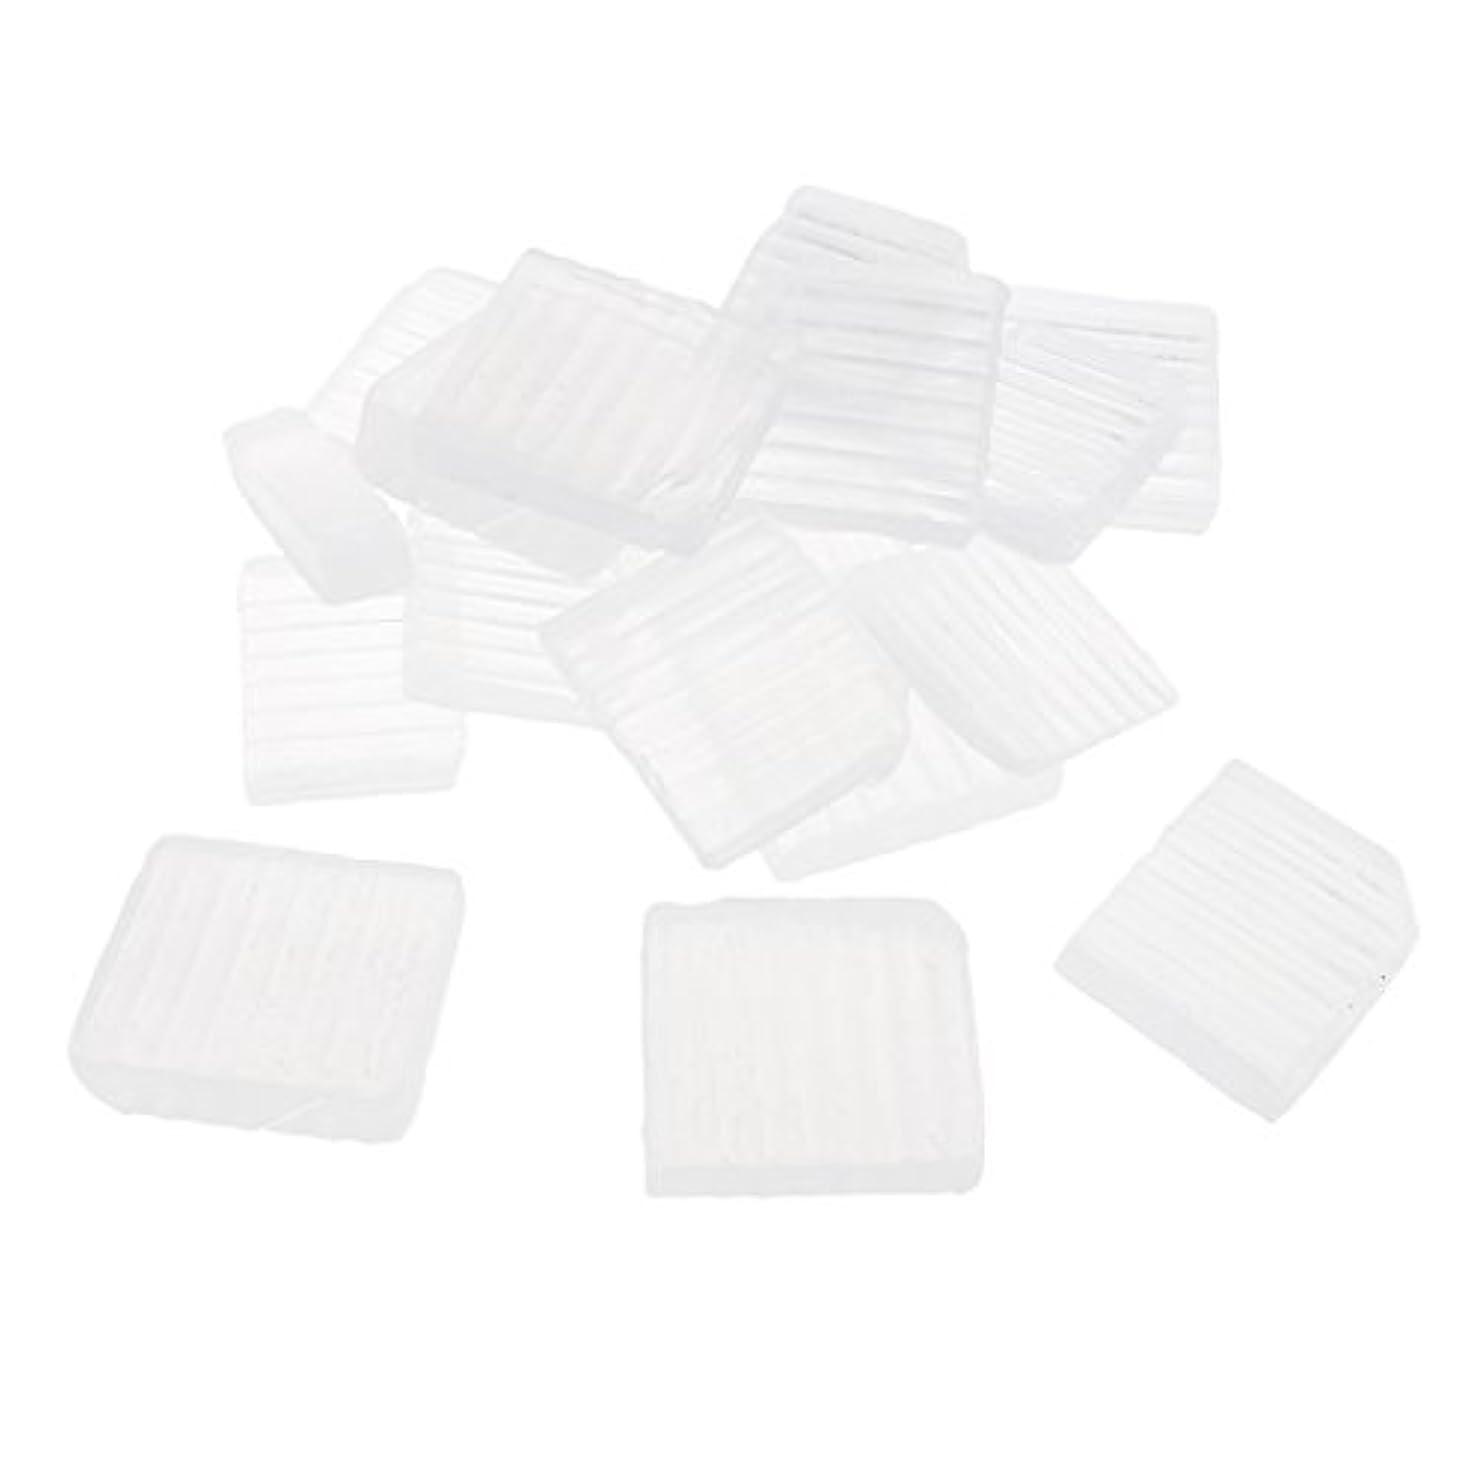 ヒントテレビ慈善透明 石鹸ベース DIY 手作り 石鹸 約1 KG